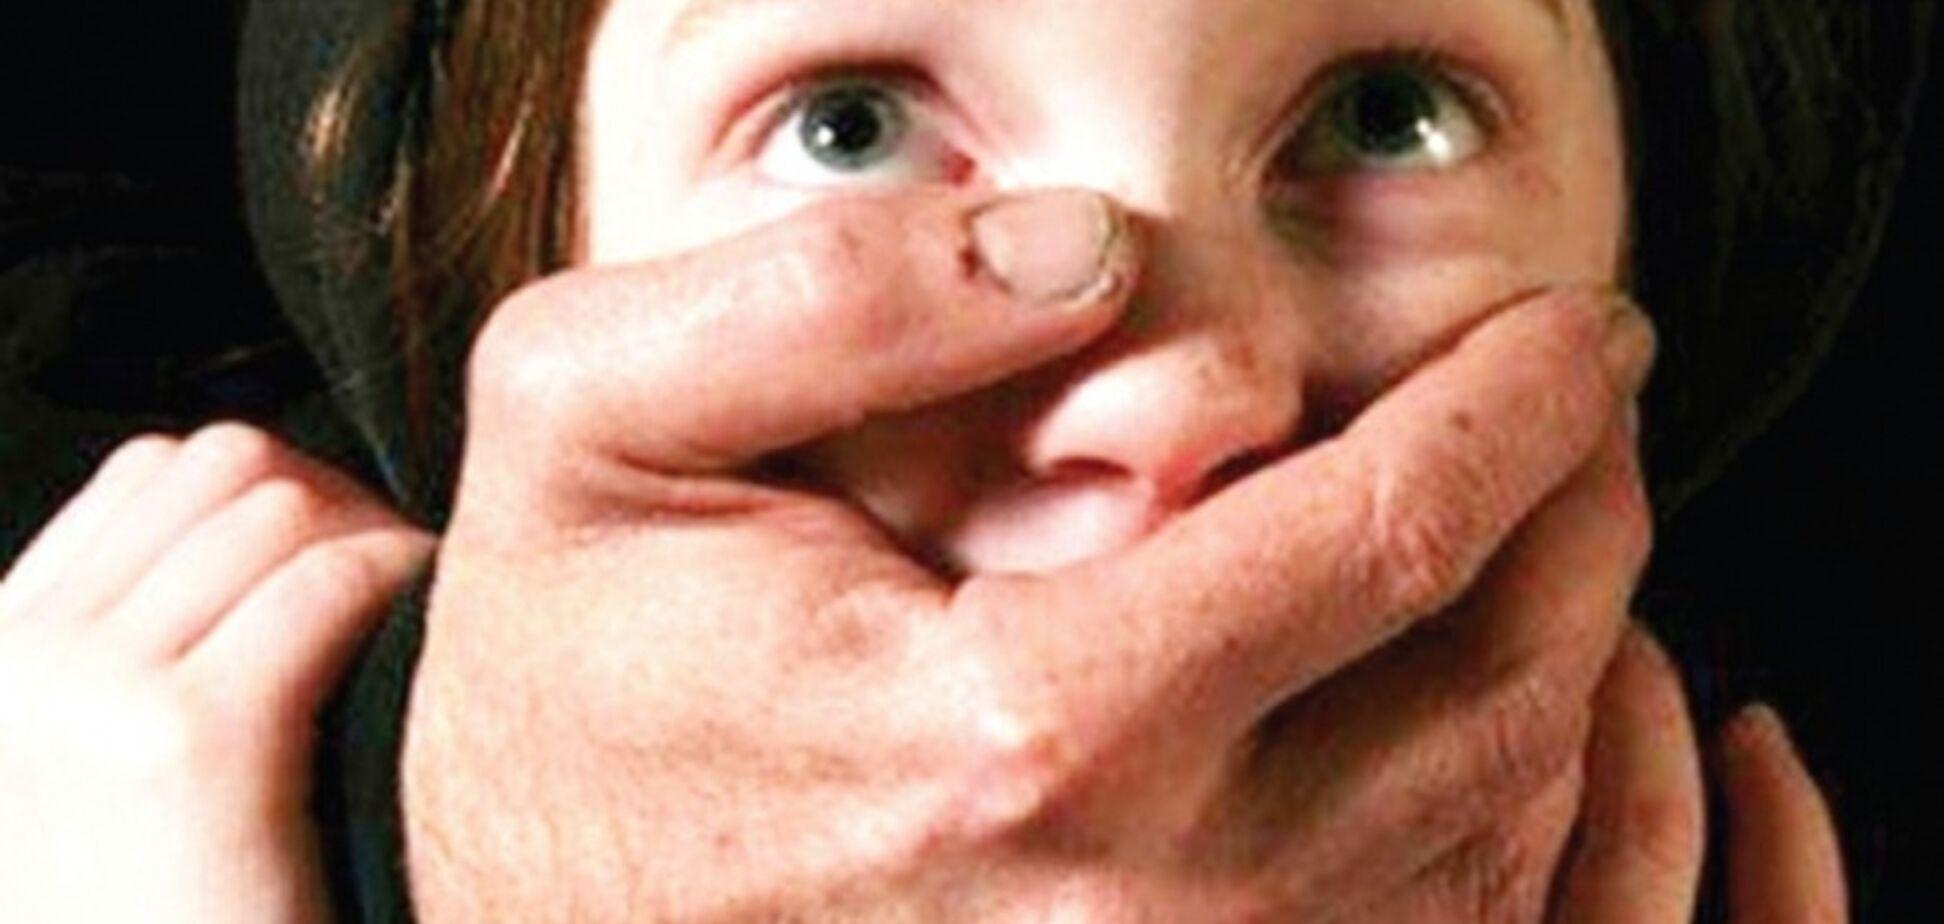 Захистити дитину від педофілів: озвучено дві простих поради